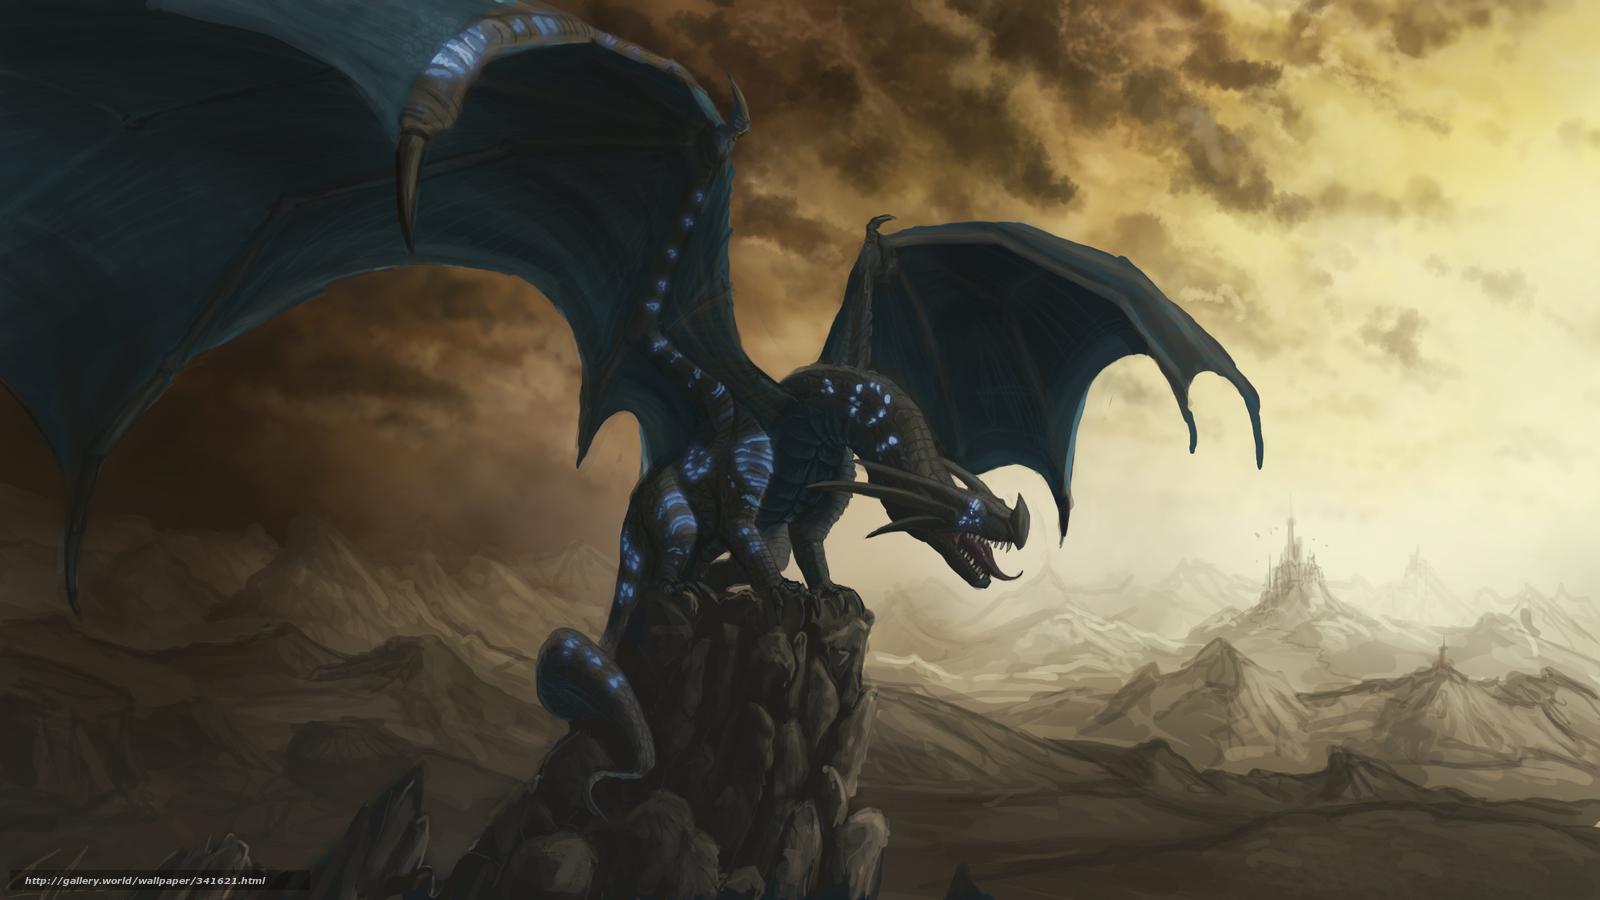 Tlcharger Fond Decran Noir Dragon Rocks Fonds Decran